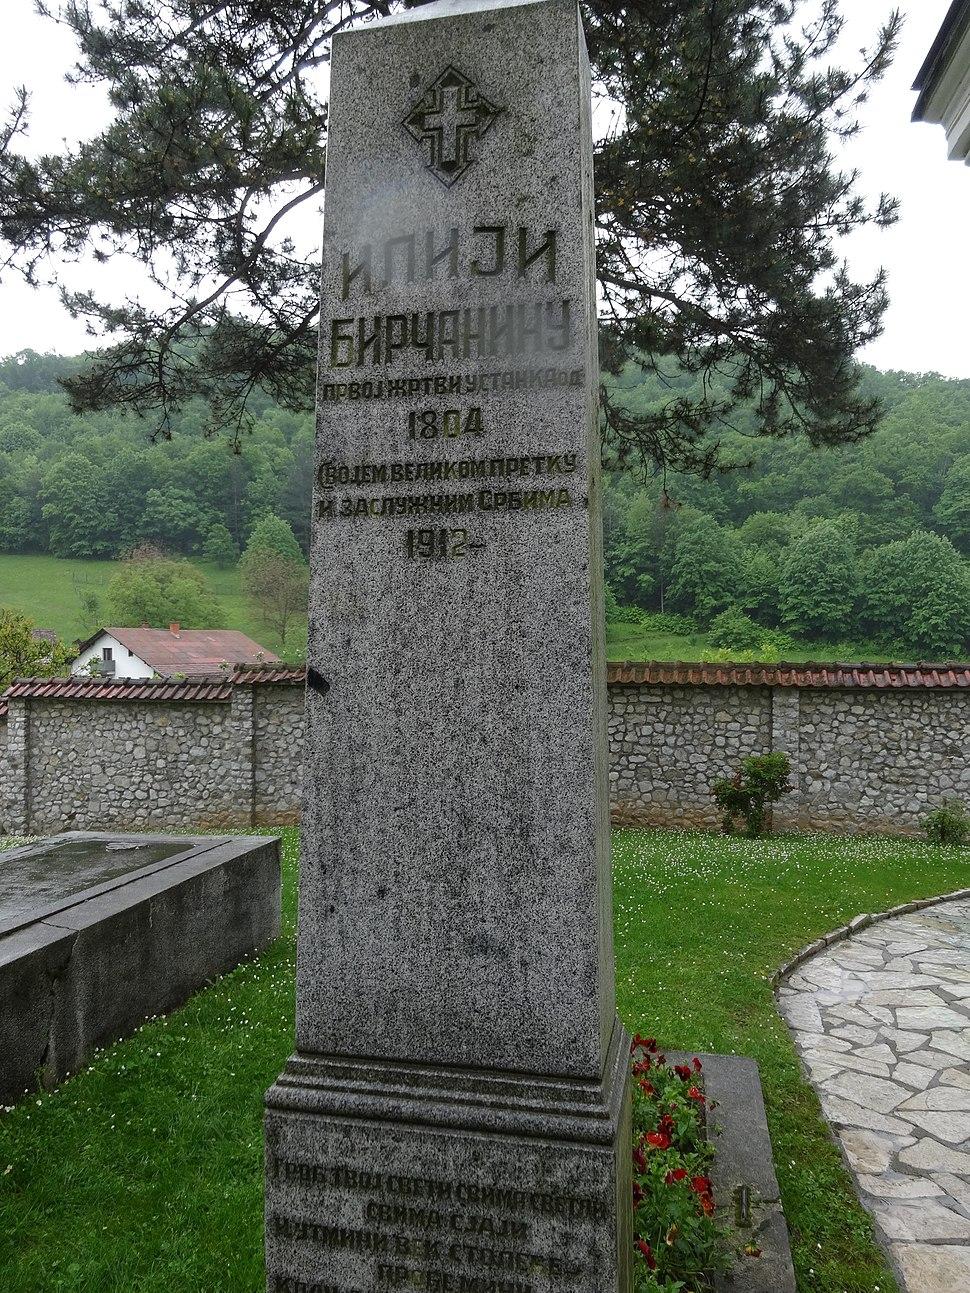 Manastir Ćelije, Valjevo, 004 Nadgrobni spomenik Ilije Birčanina